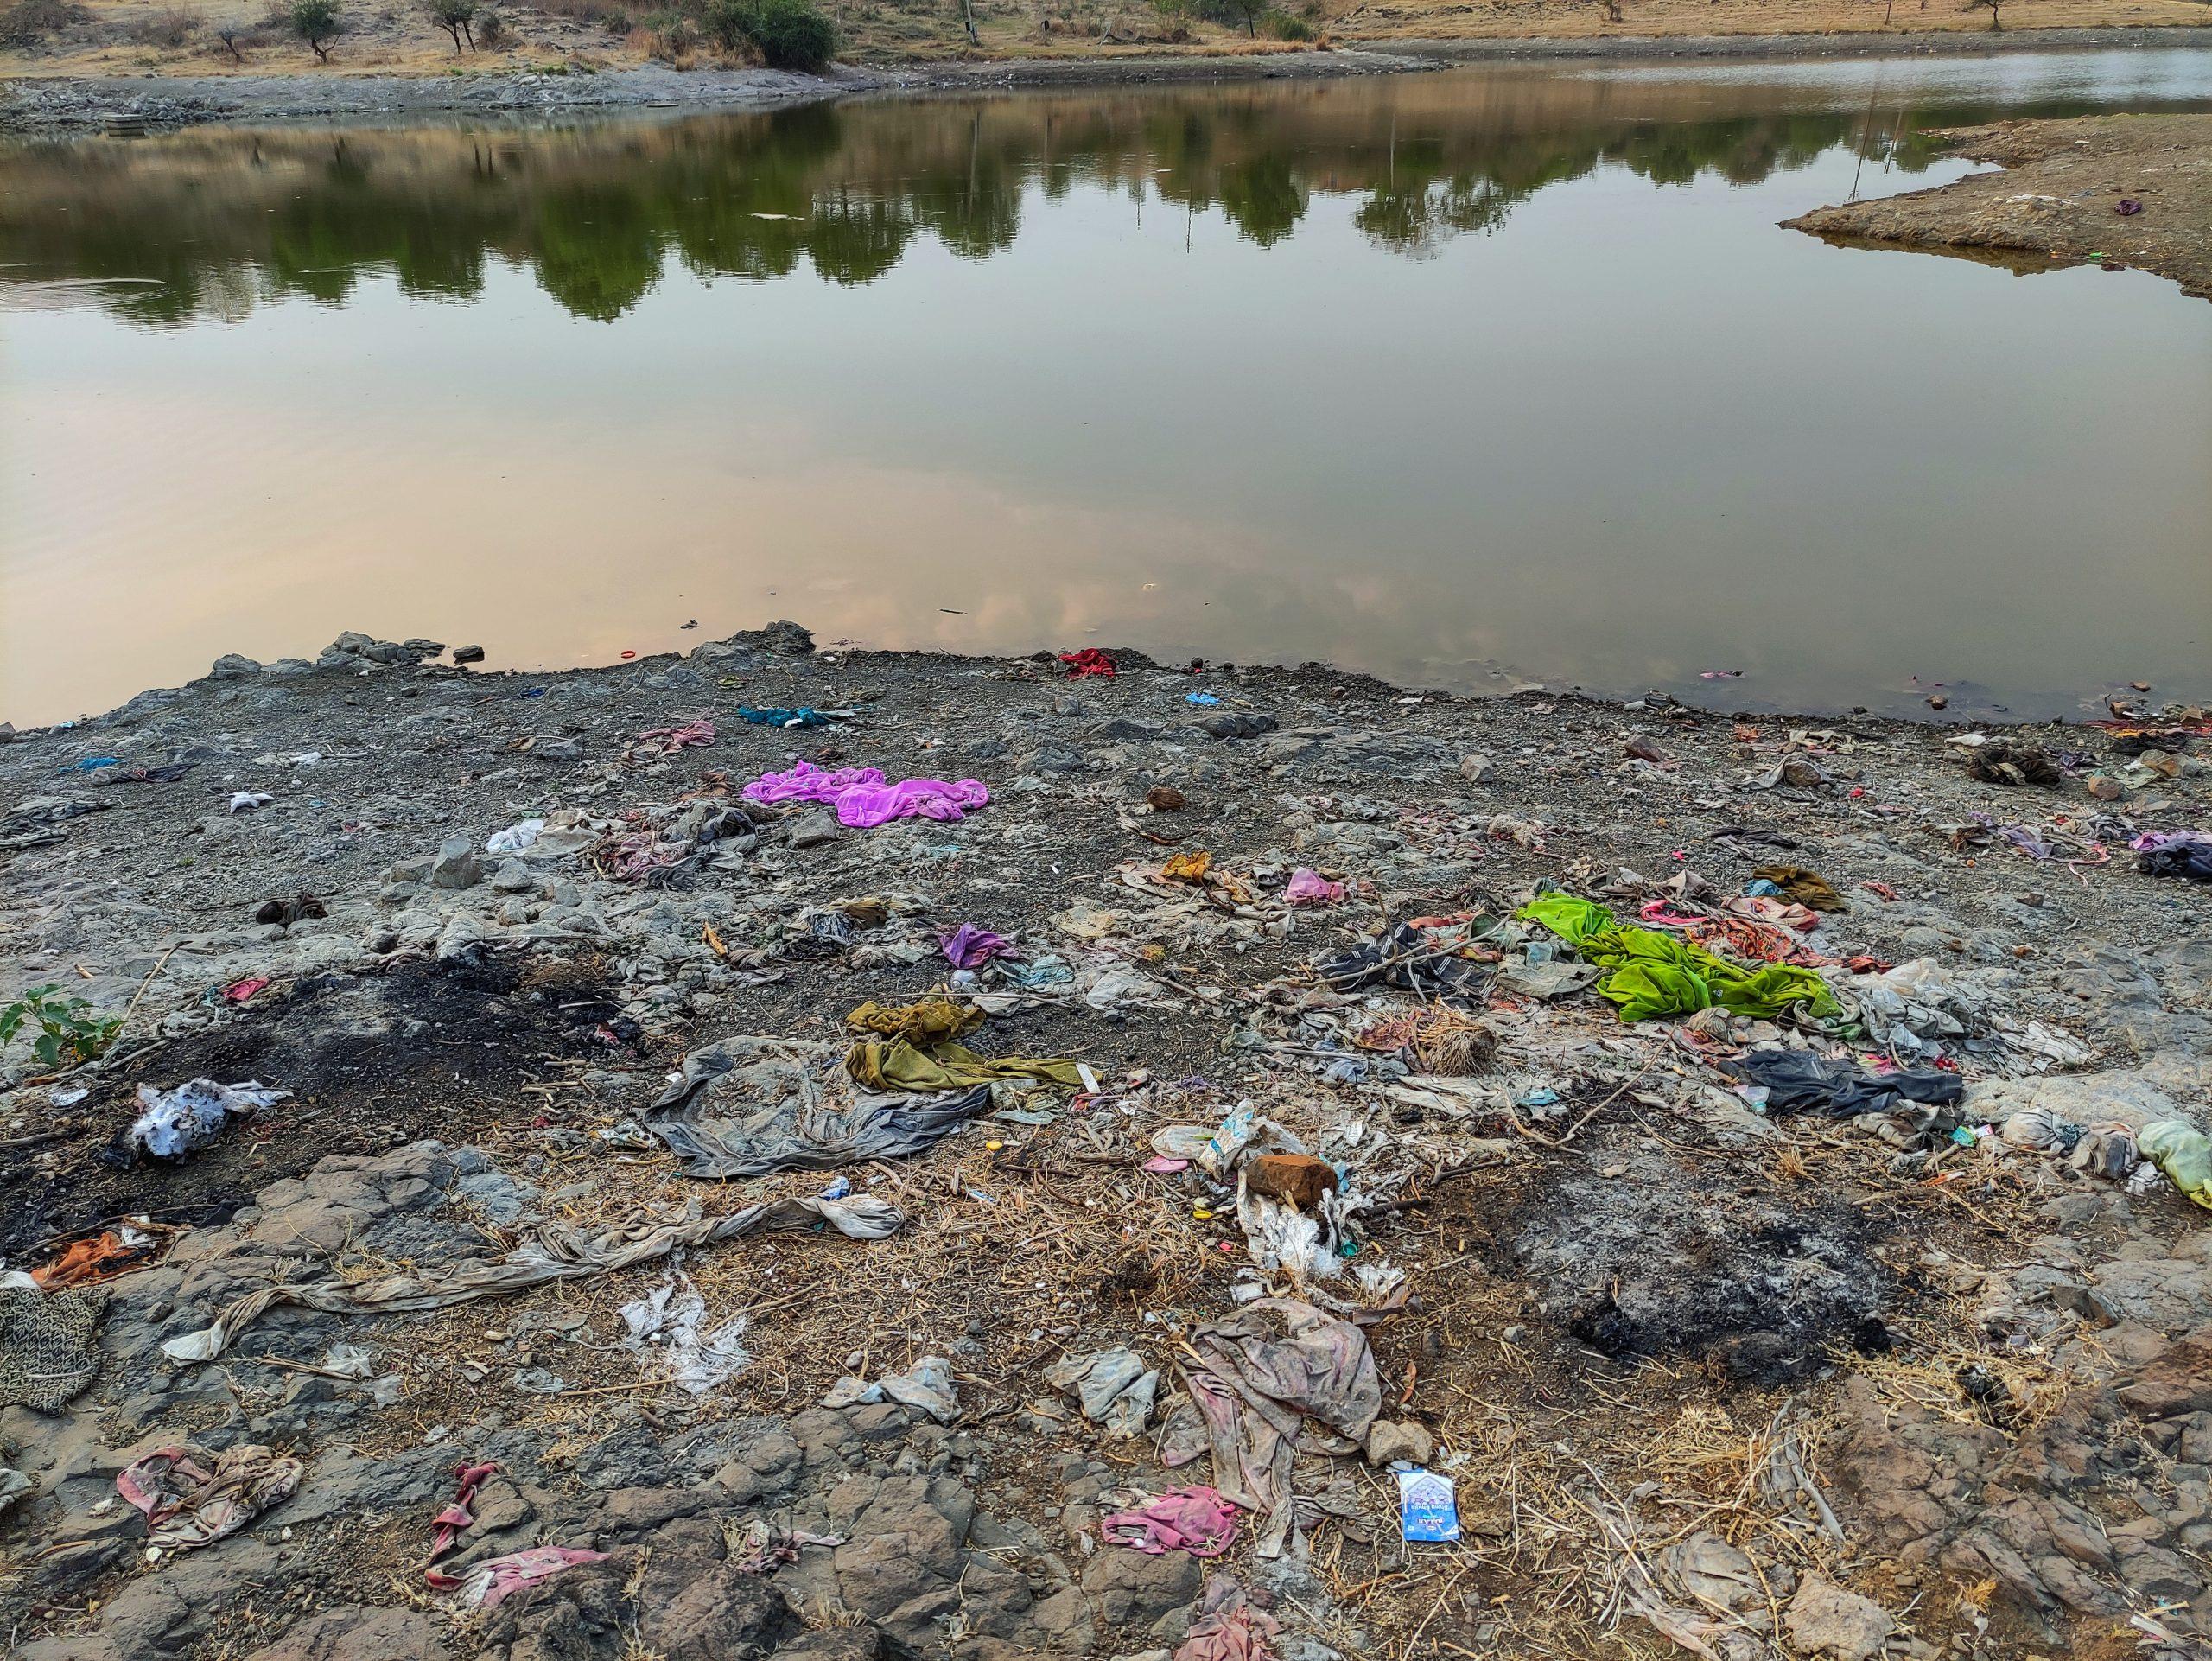 Plastic near the river